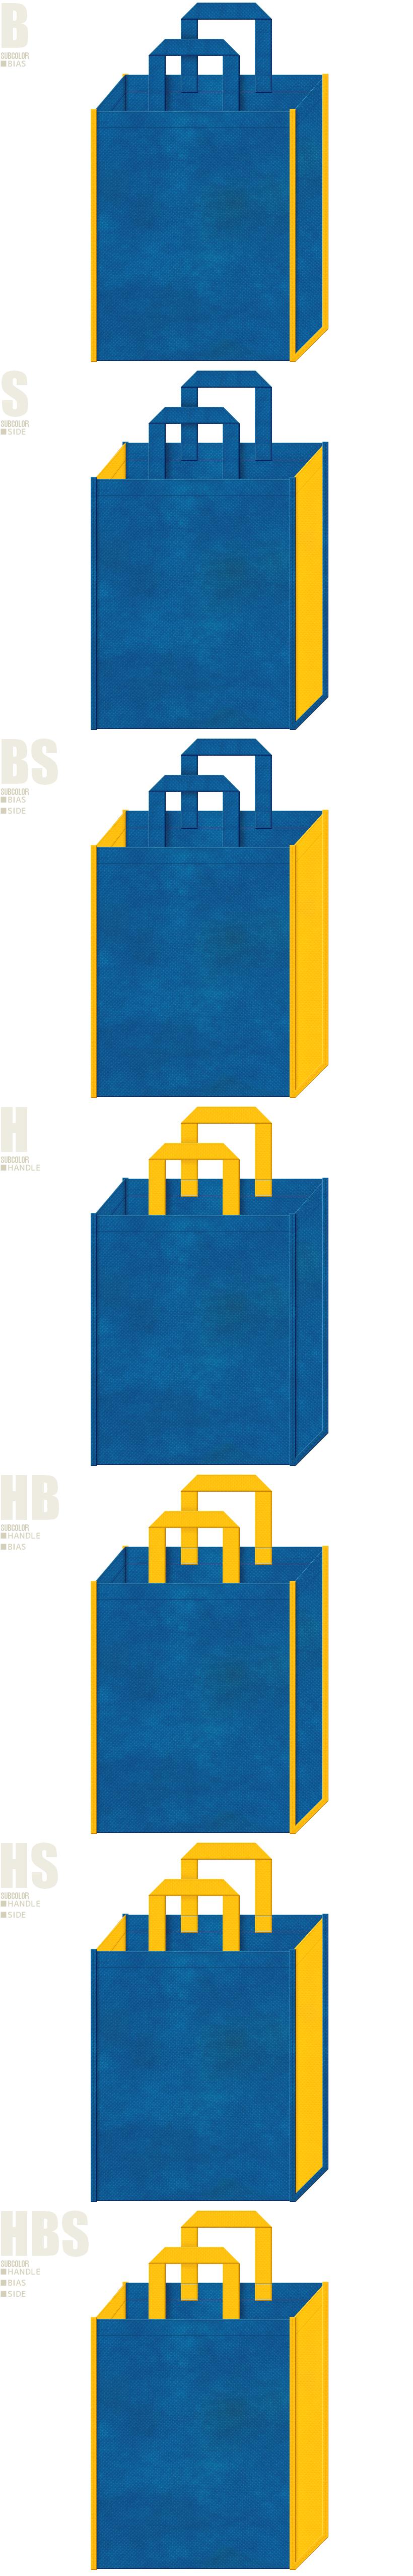 テーマパーク・おもちゃのバッグノベルティにお奨めの、青色と黄色-7パターンの不織布トートバッグ配色デザイン例